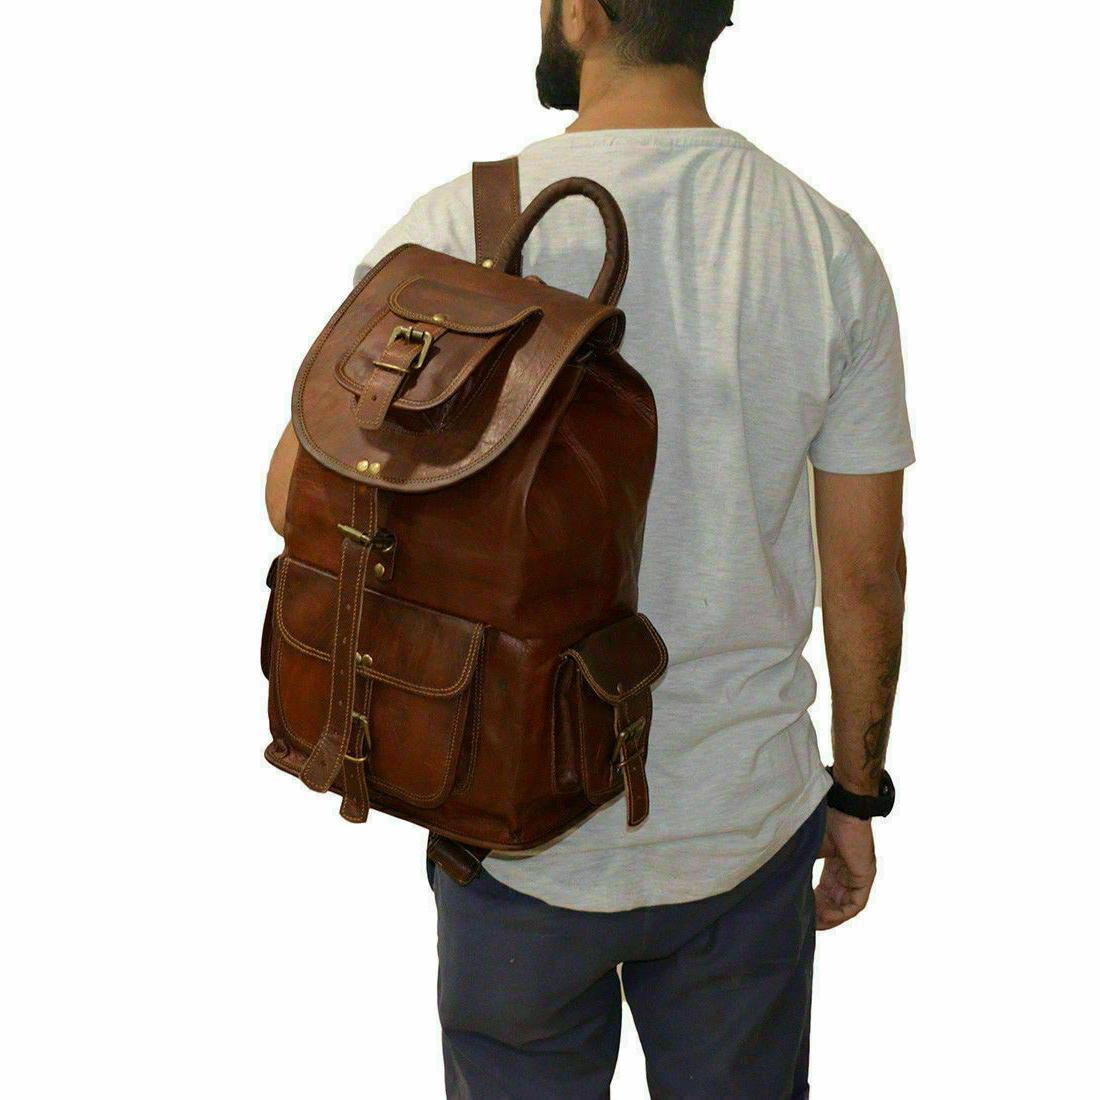 Vintage Backpack Messenger